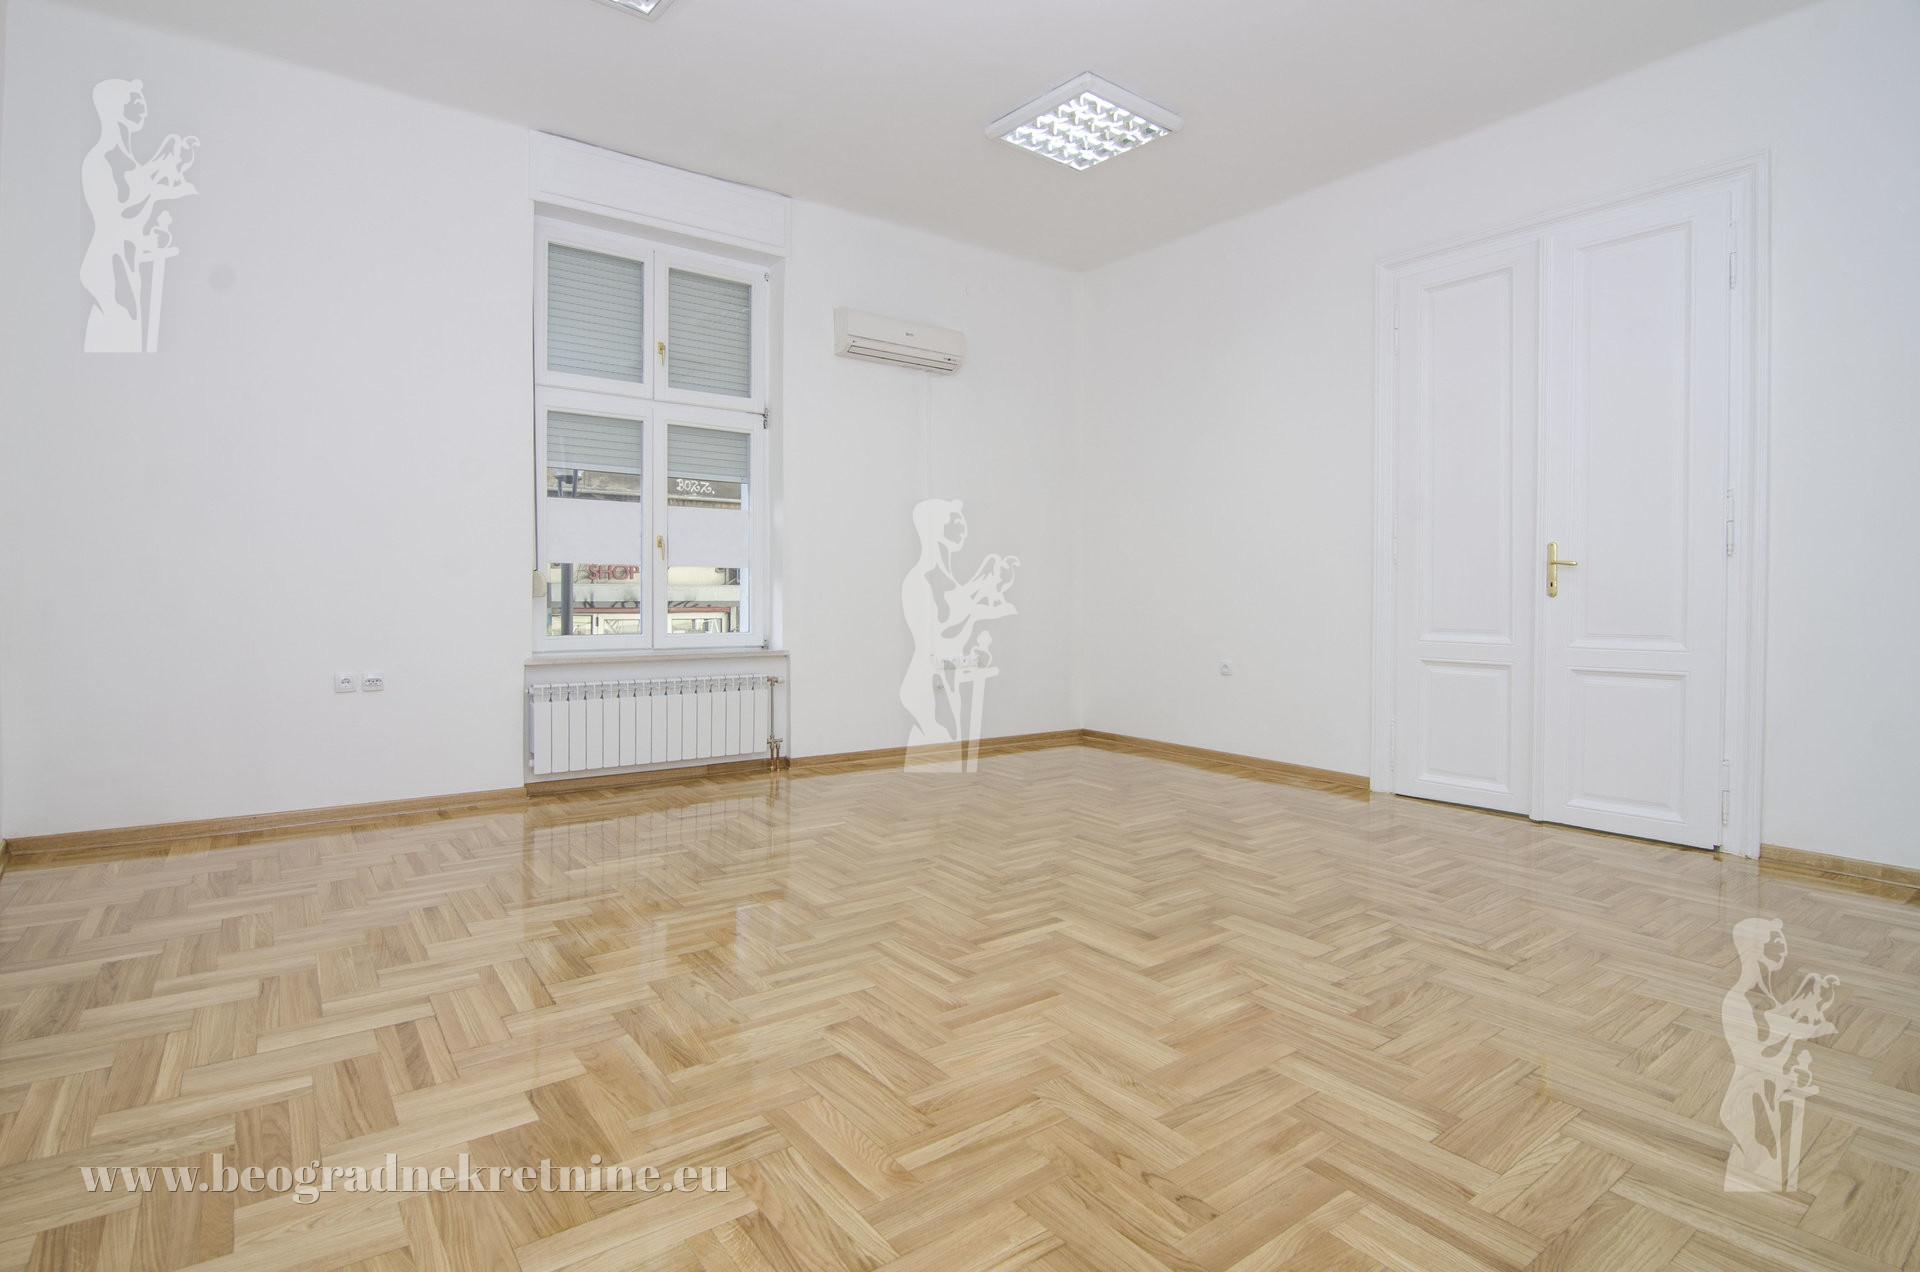 Poslovni prostor Đure Jakšića 3 0 100m2